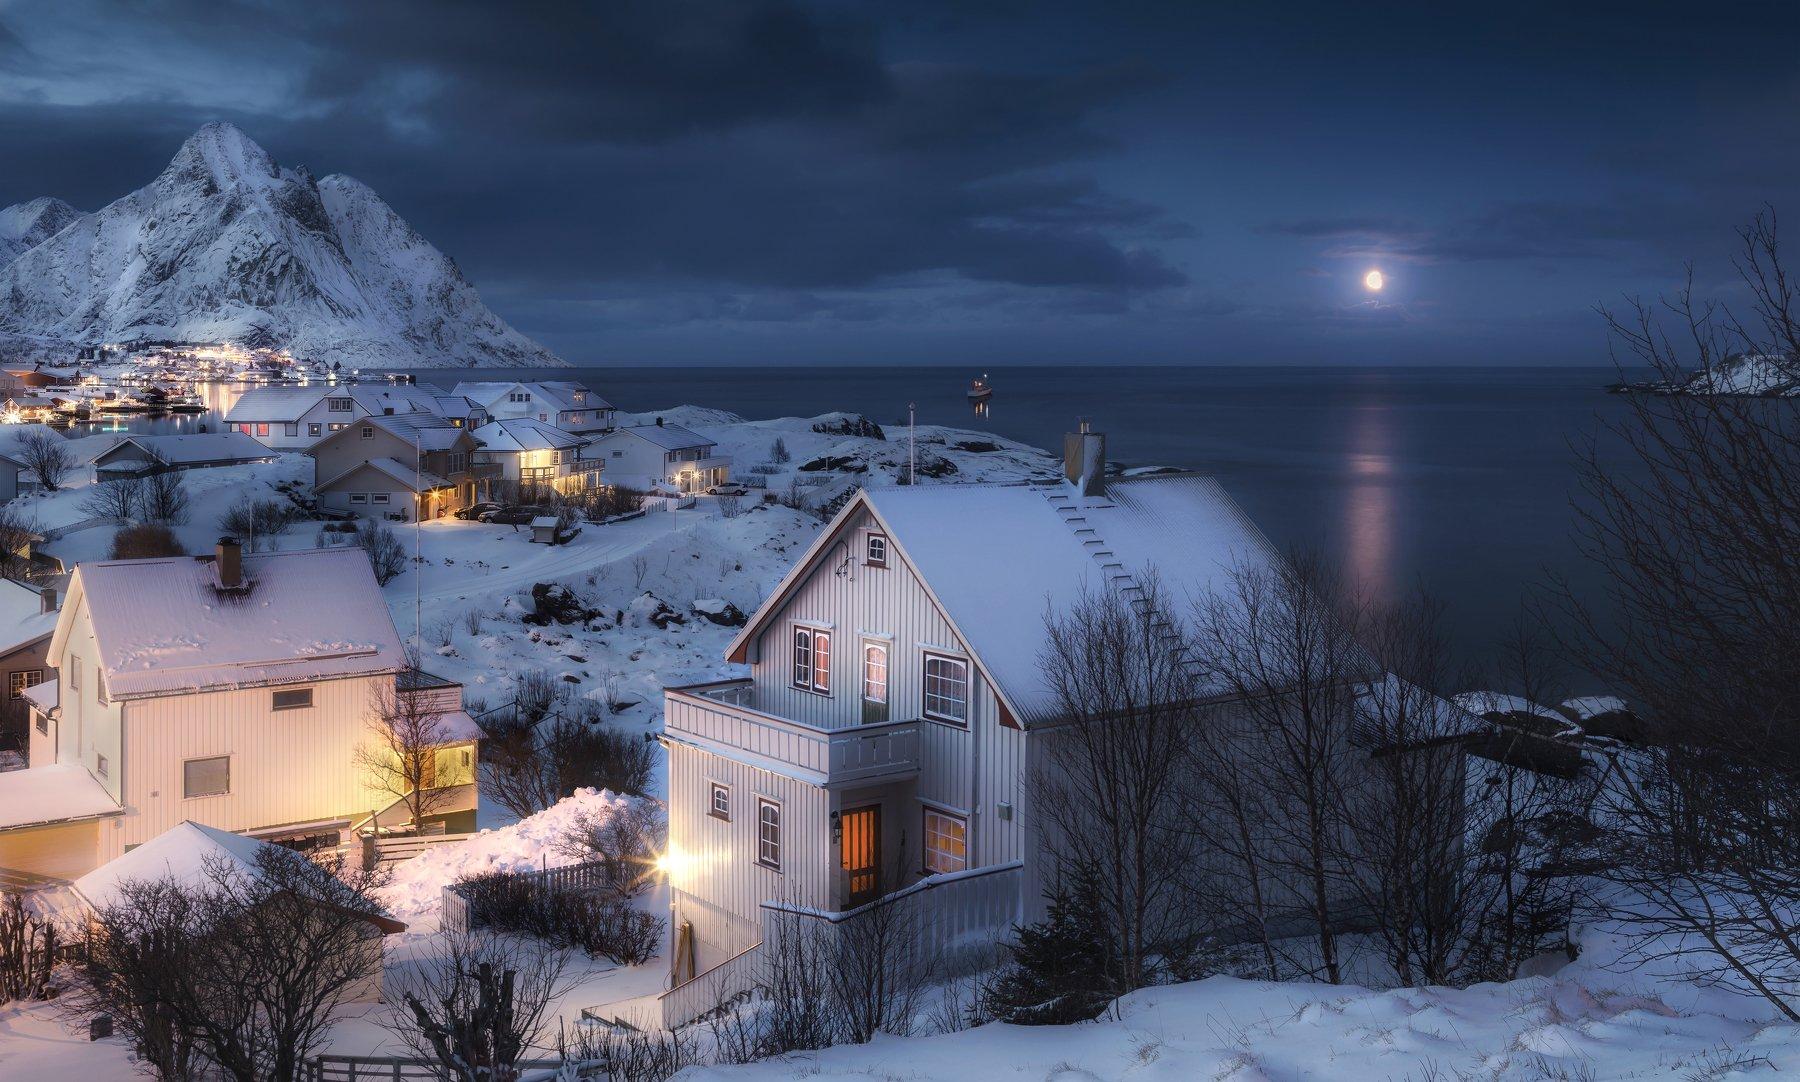 hamnoy , reine, lofoten islands, norway, morning, лофтены, норвегия, рейне, рассвет, Андрей Чабров